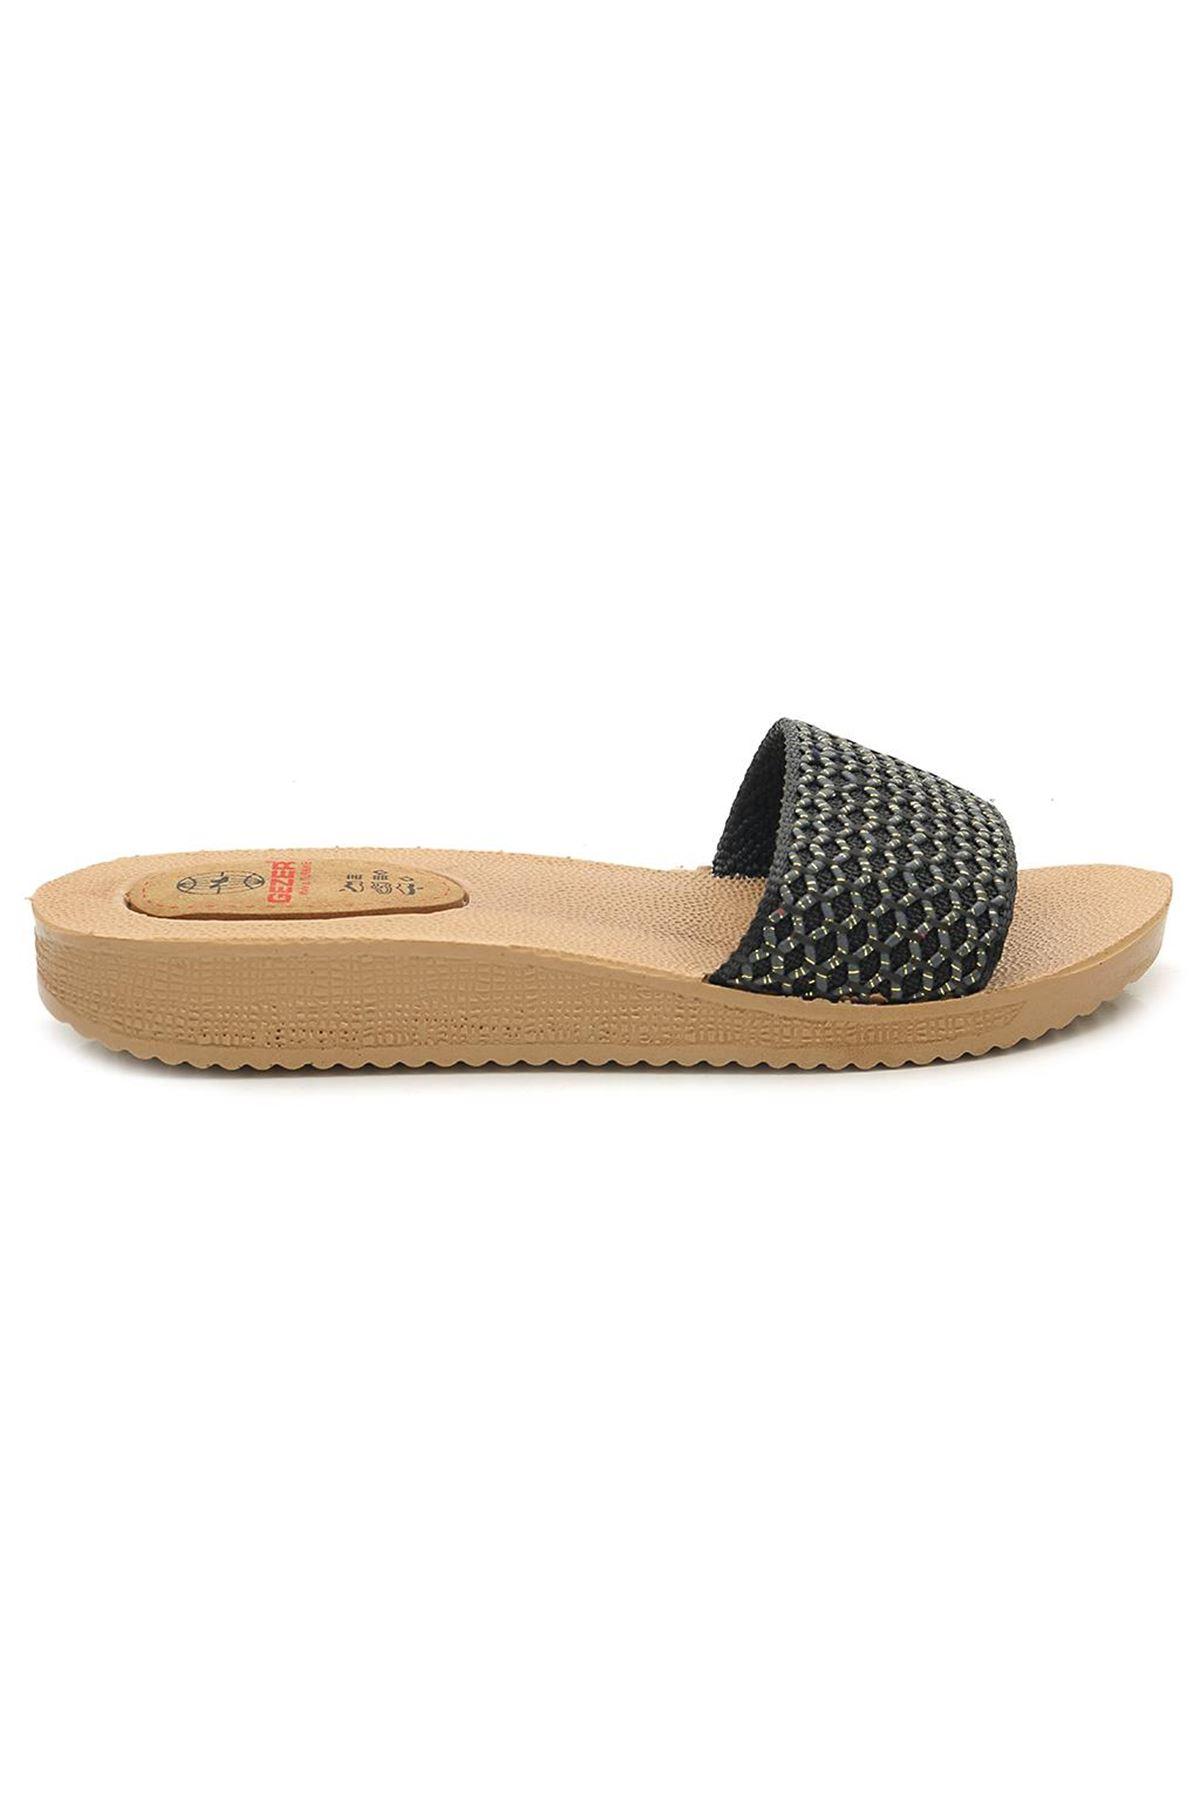 Man 999 Hakiki Deri Kışlık Erkek Ayakkabı, Deri Erkek Ayakkabı